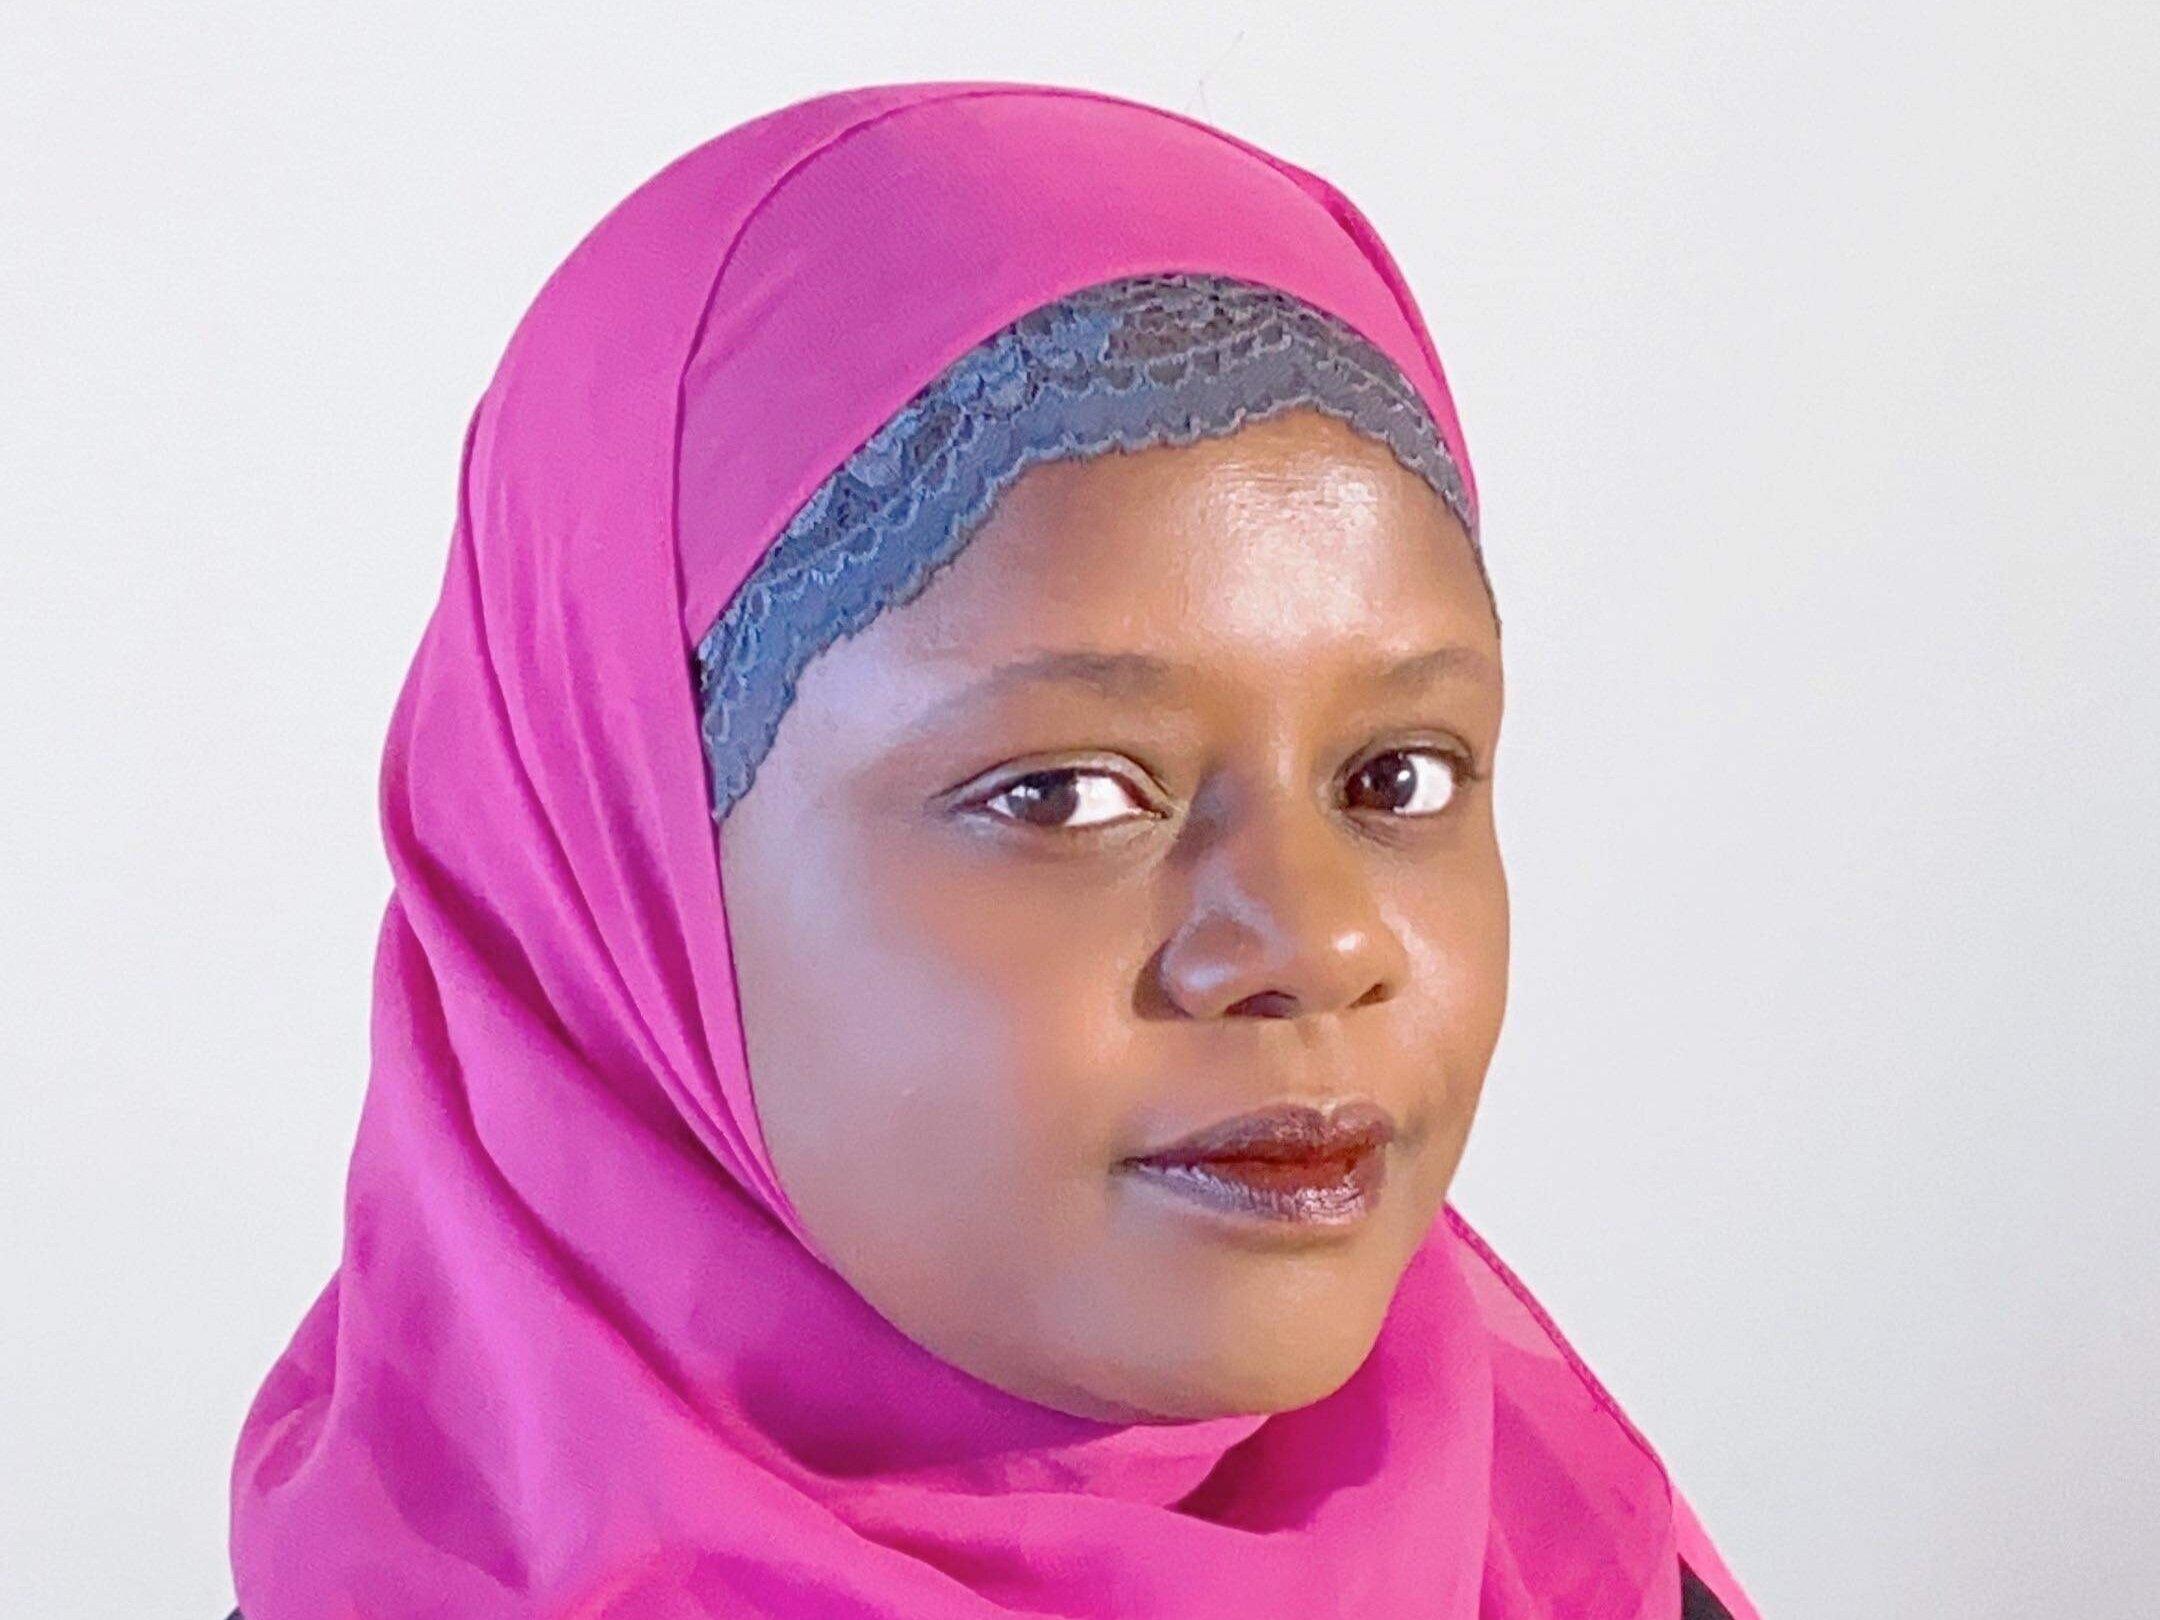 STOPPER ALDRI: Ablooms sterke og kloke leder, Faridah Nabaggala, lover å fortsette kampen for et mer inkluderende samfunn. Det er et livsprosjekt, et livskall! Foto: Abloom